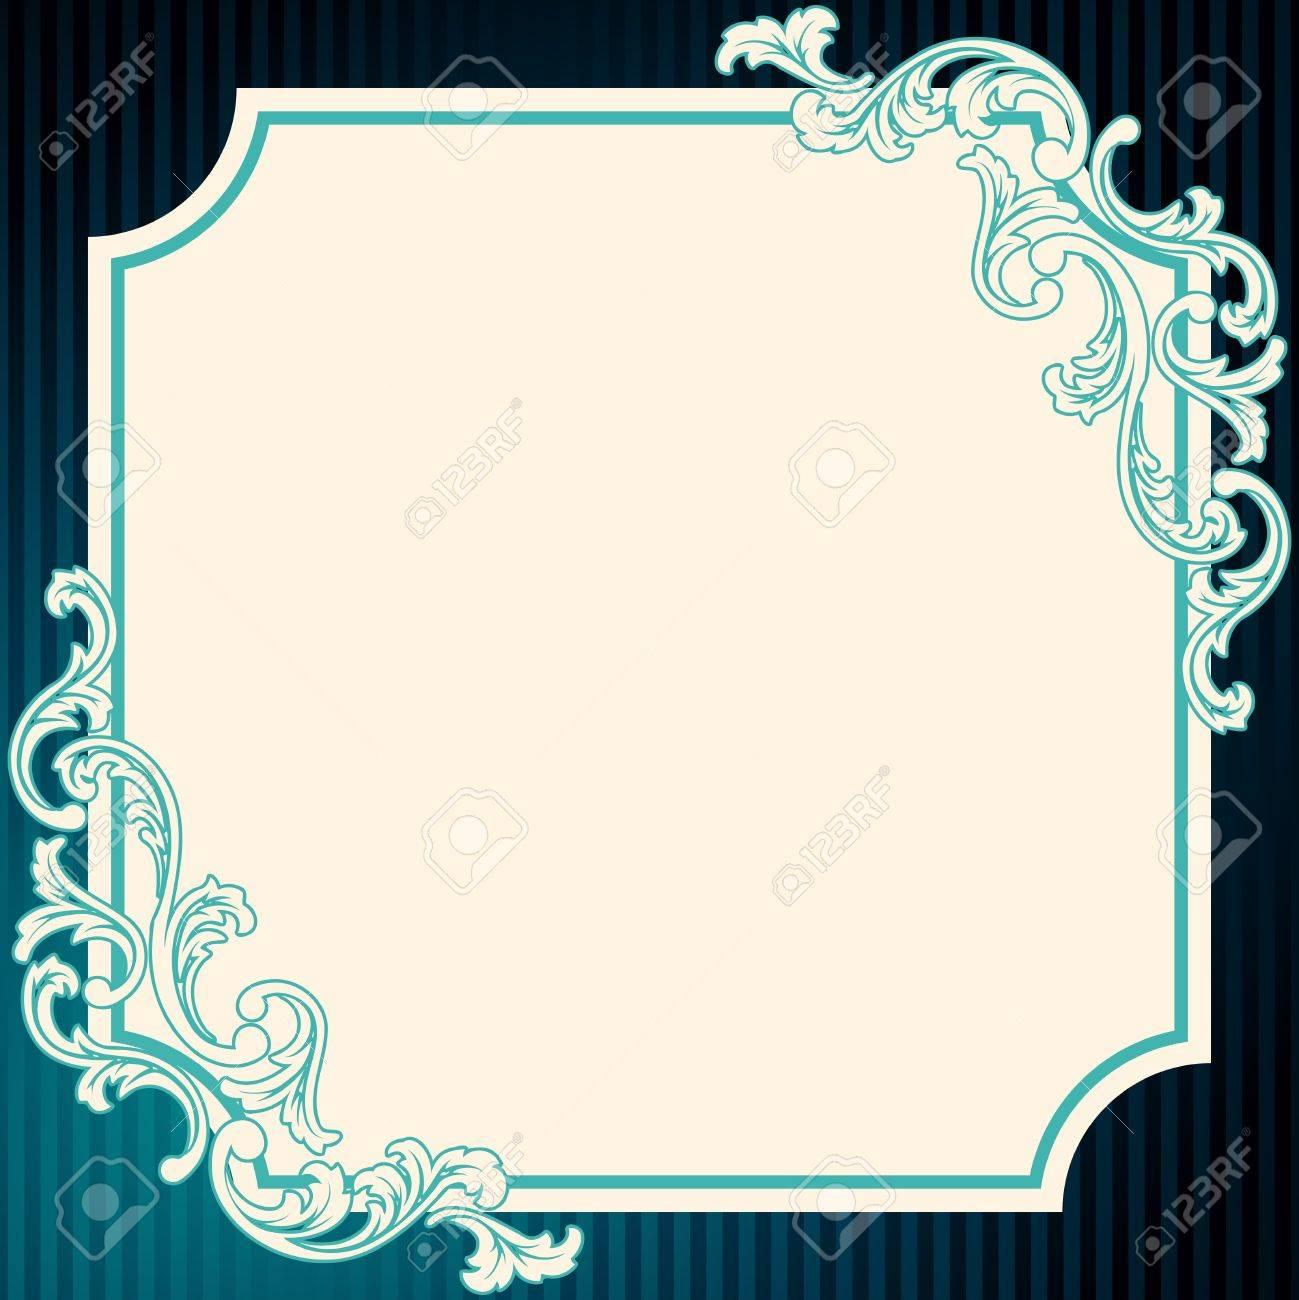 Marco De Color Azul Profundo Elegante Inspirado Por Los Diseños De ...